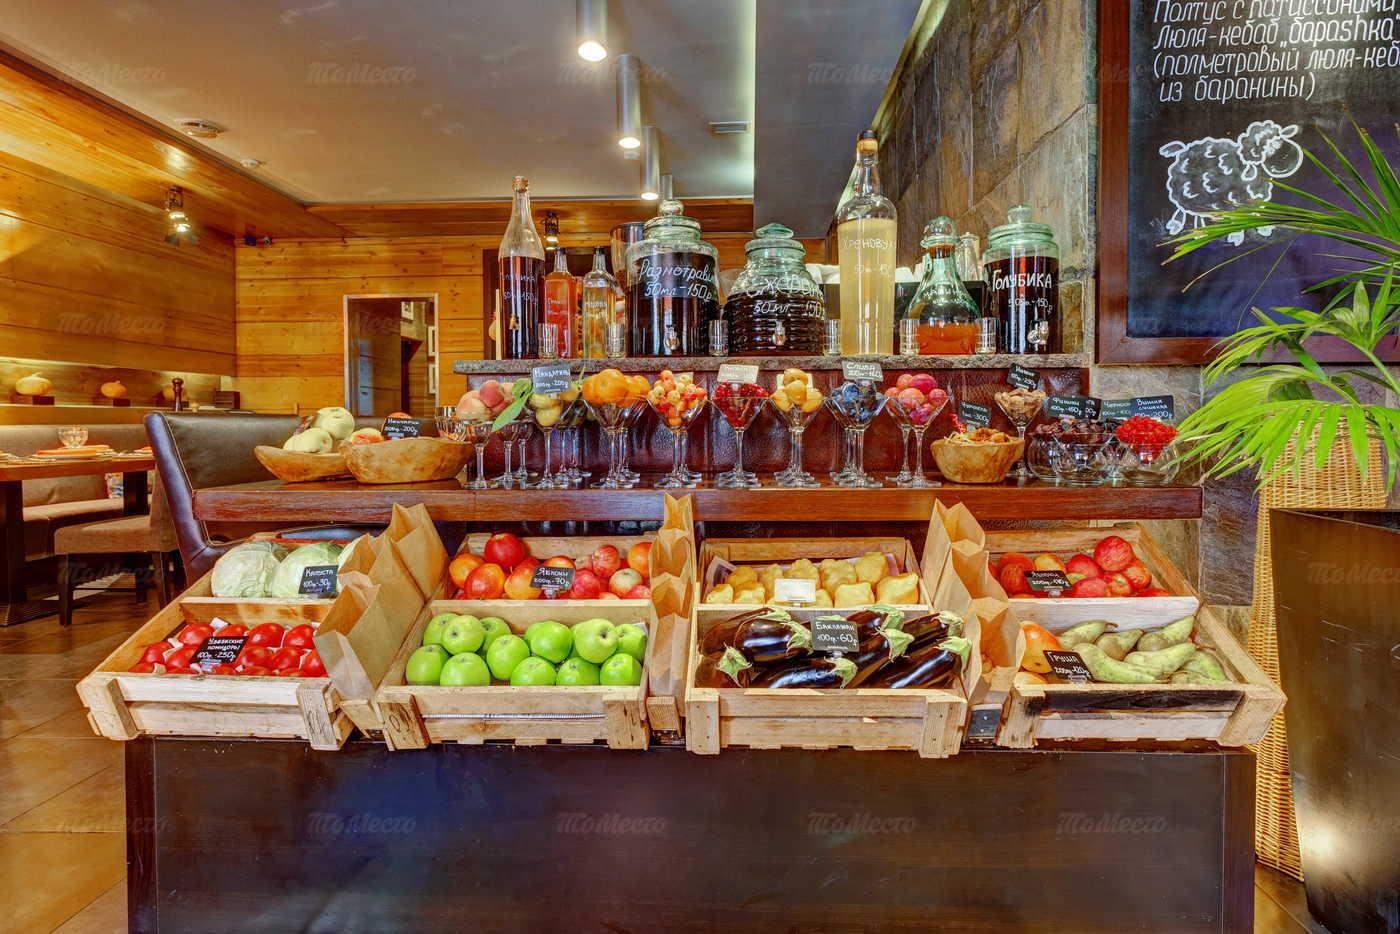 Ресторан Барашка (Бараshка) на Петровке фото 10